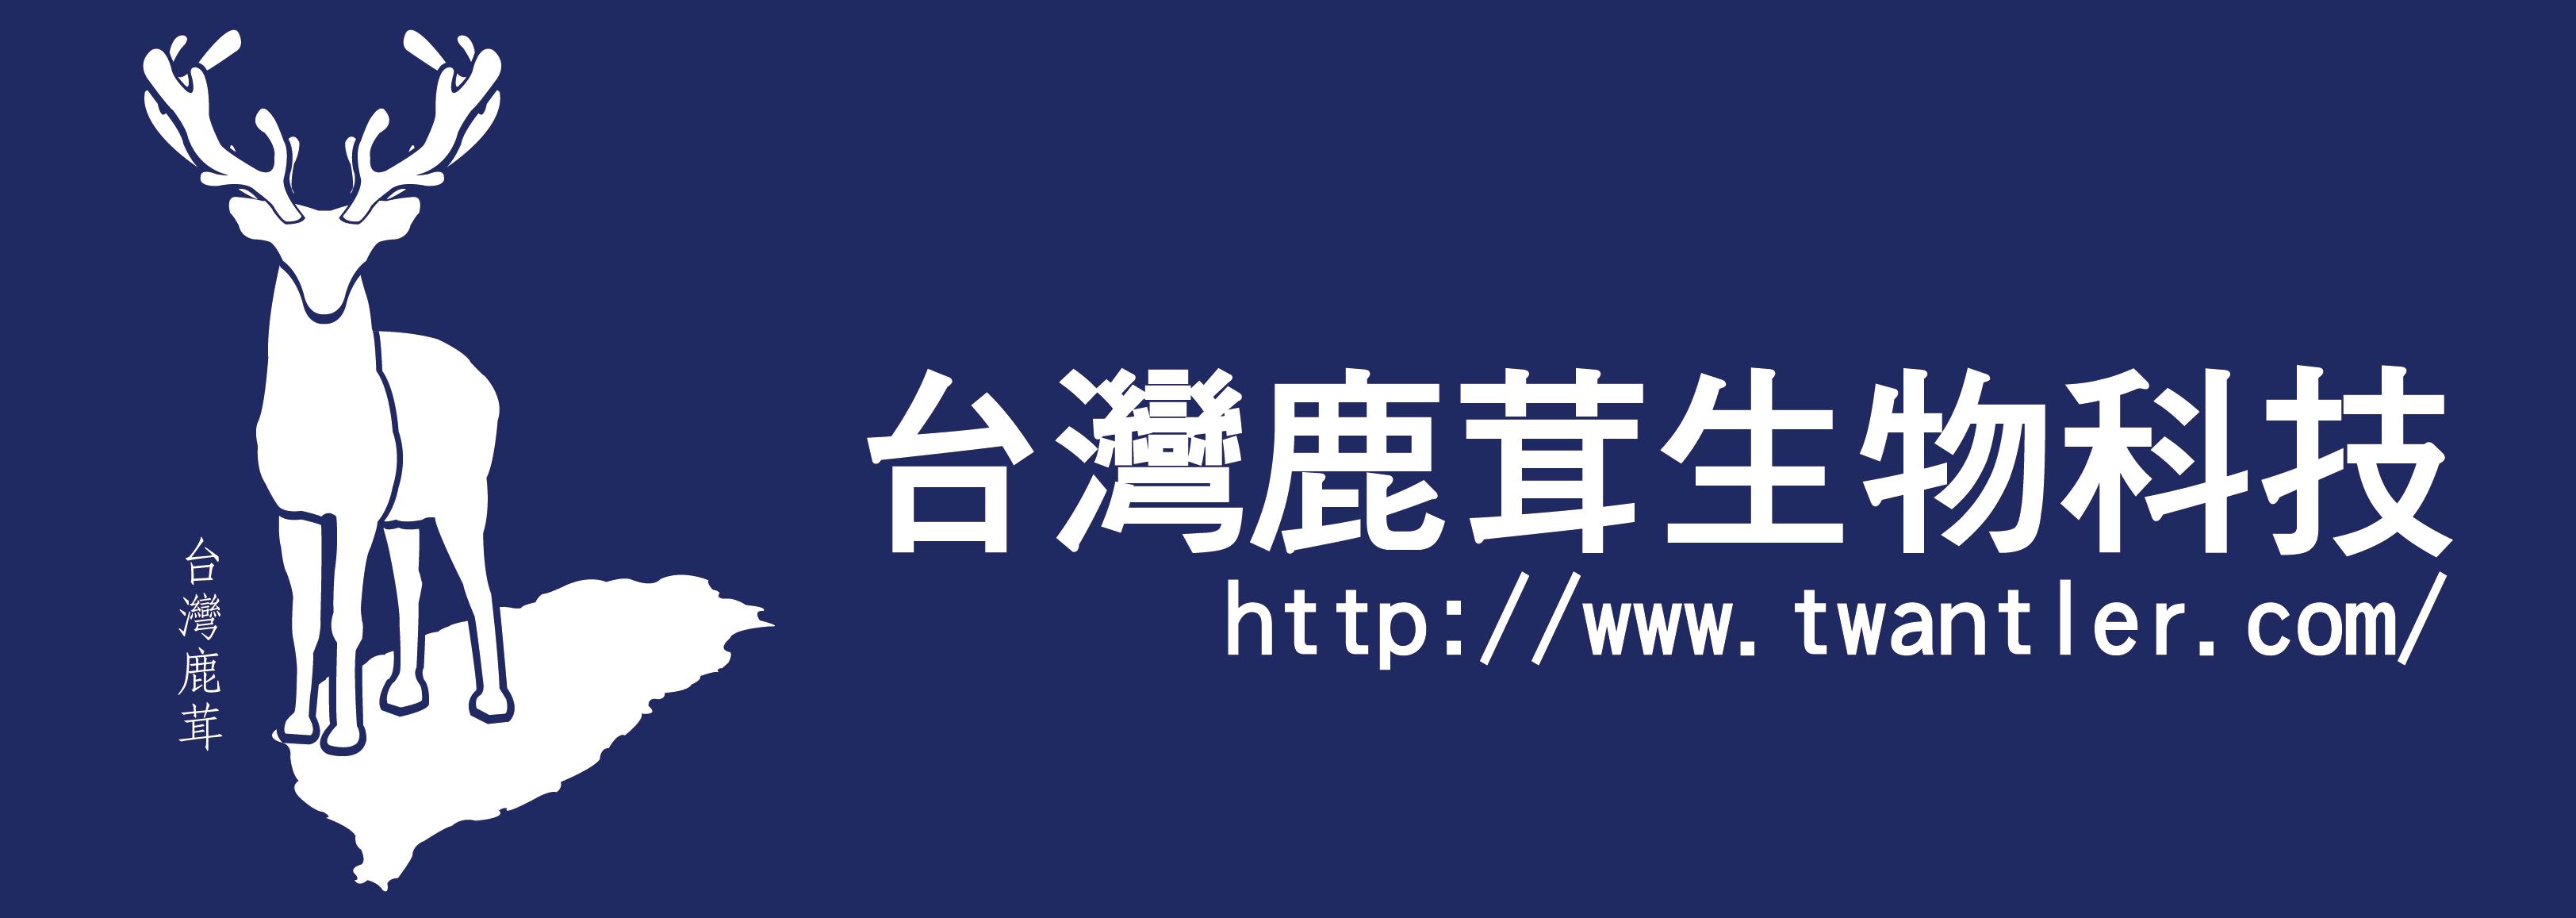 台灣鹿官網